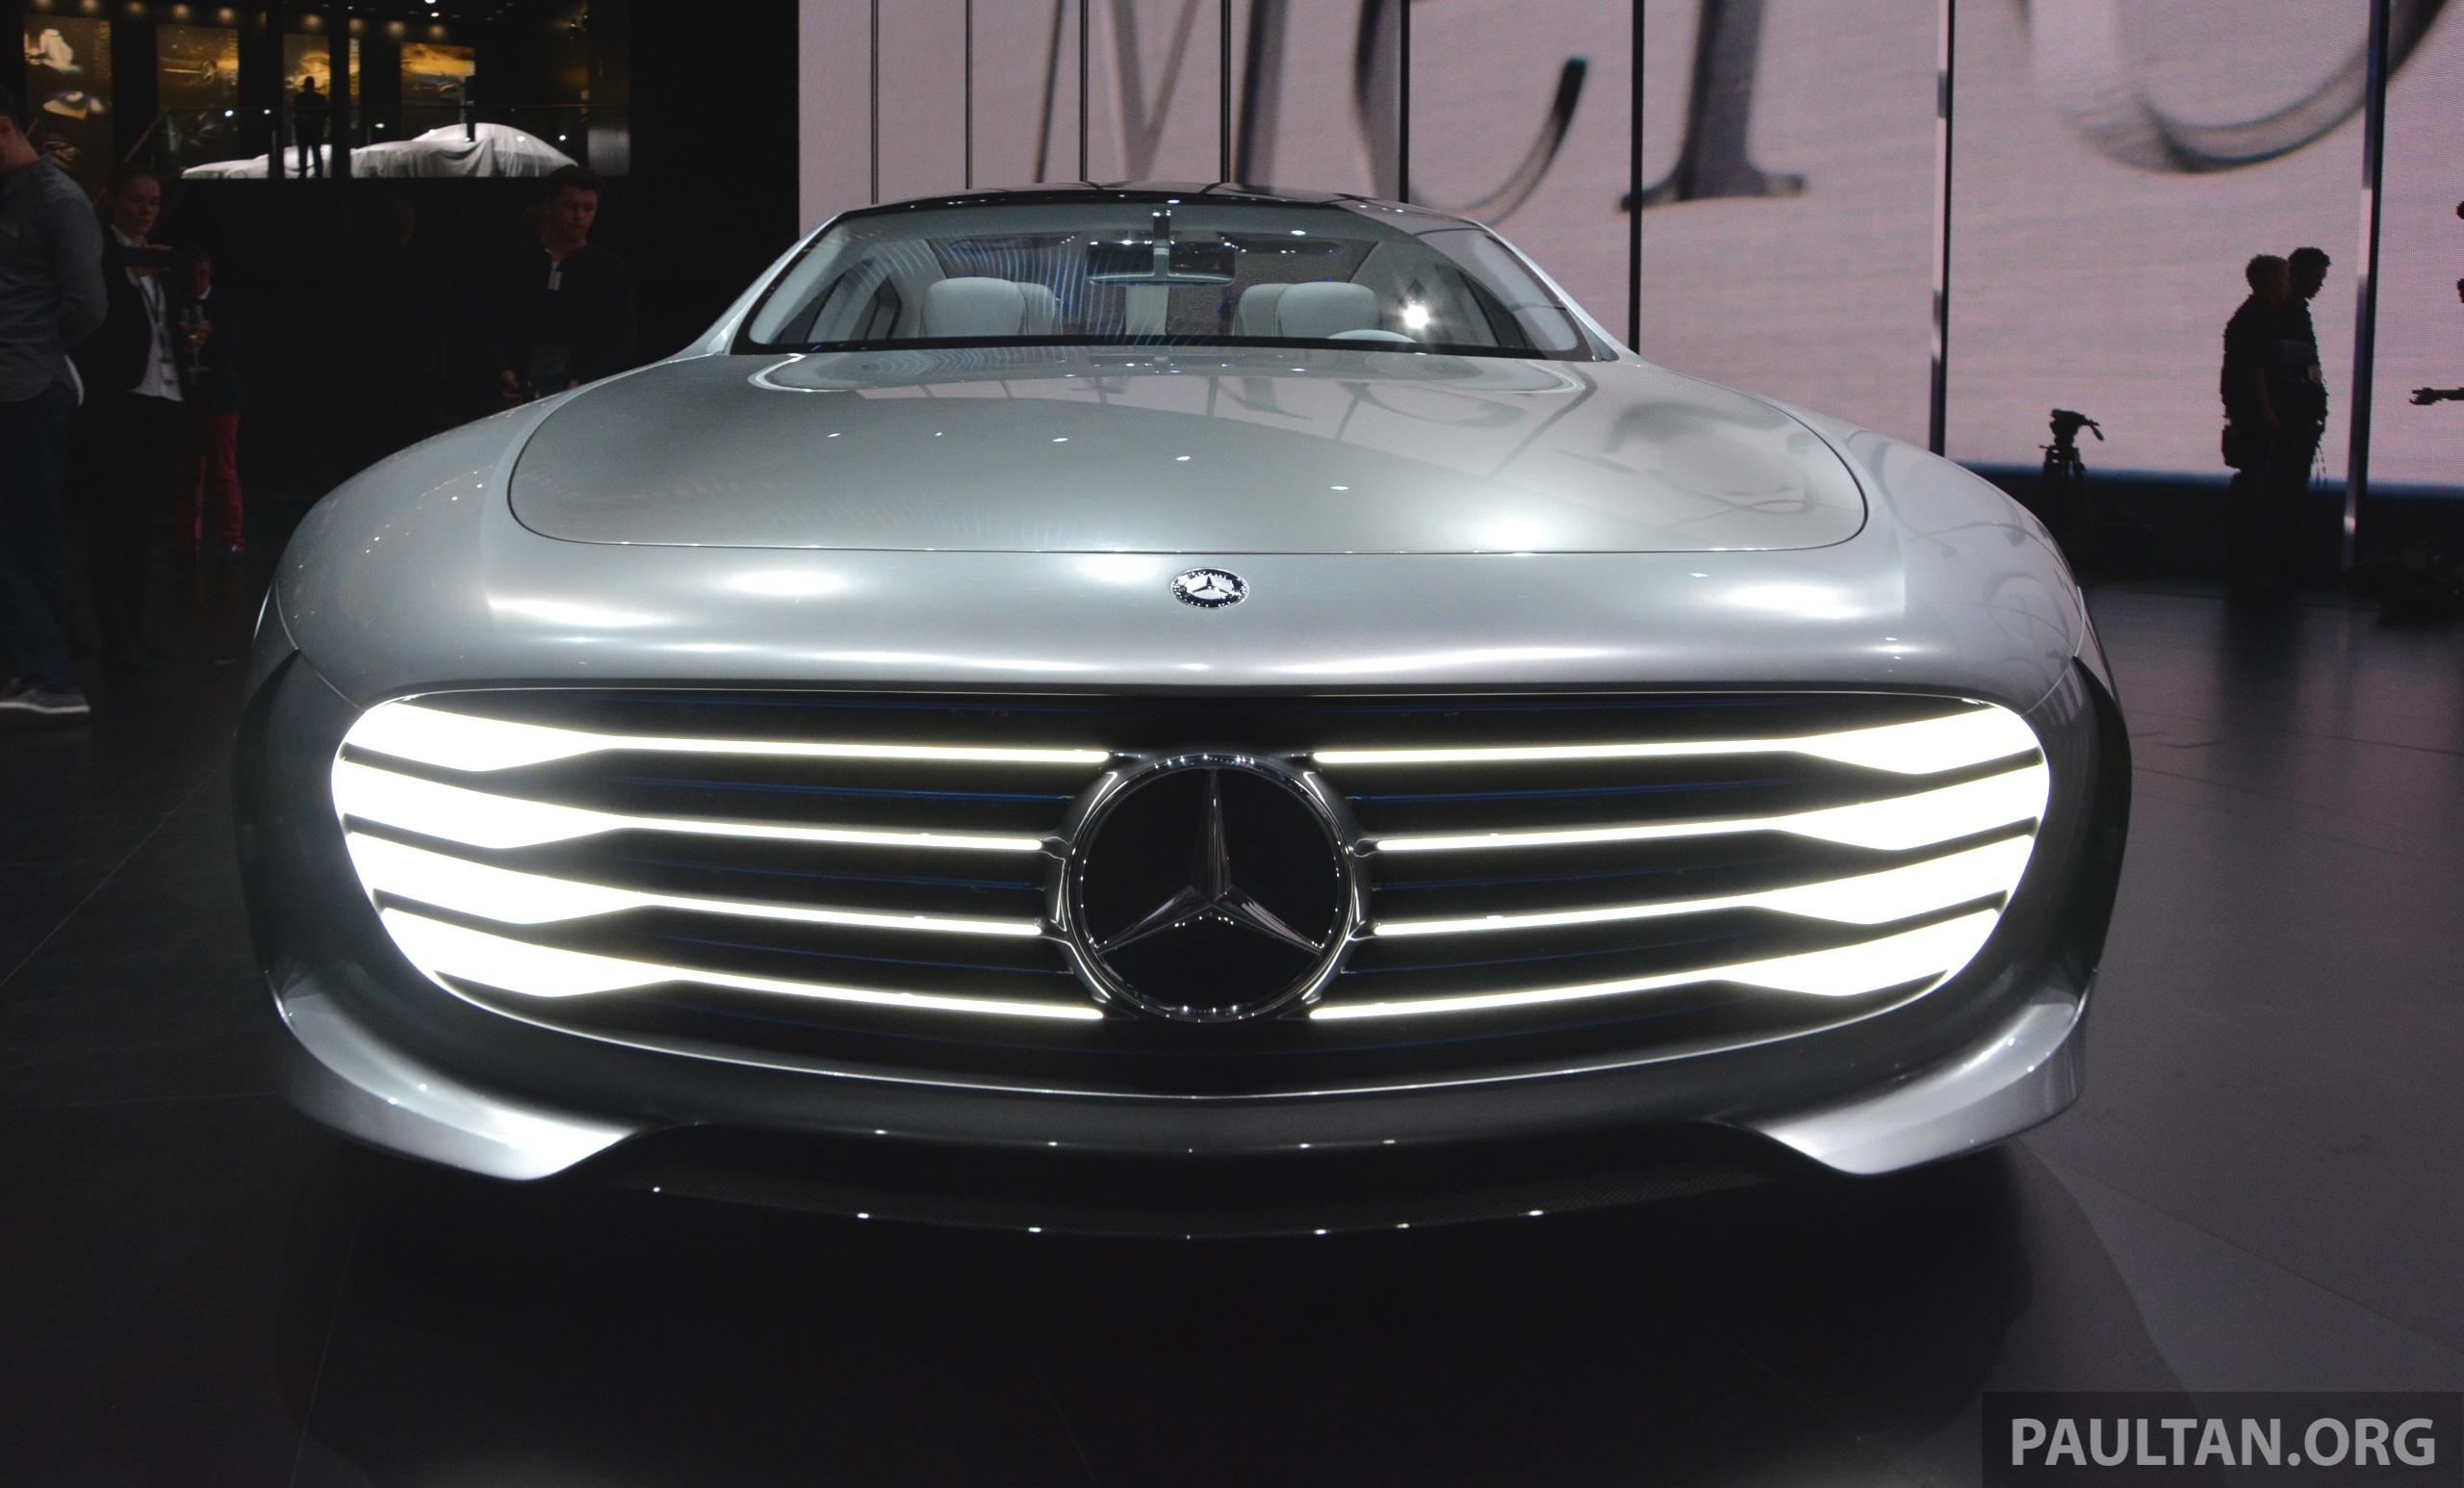 https://s1.paultan.org/image/2015/09/Mercedes-Benz-Concept-IAA-Frankfurt-4.jpg